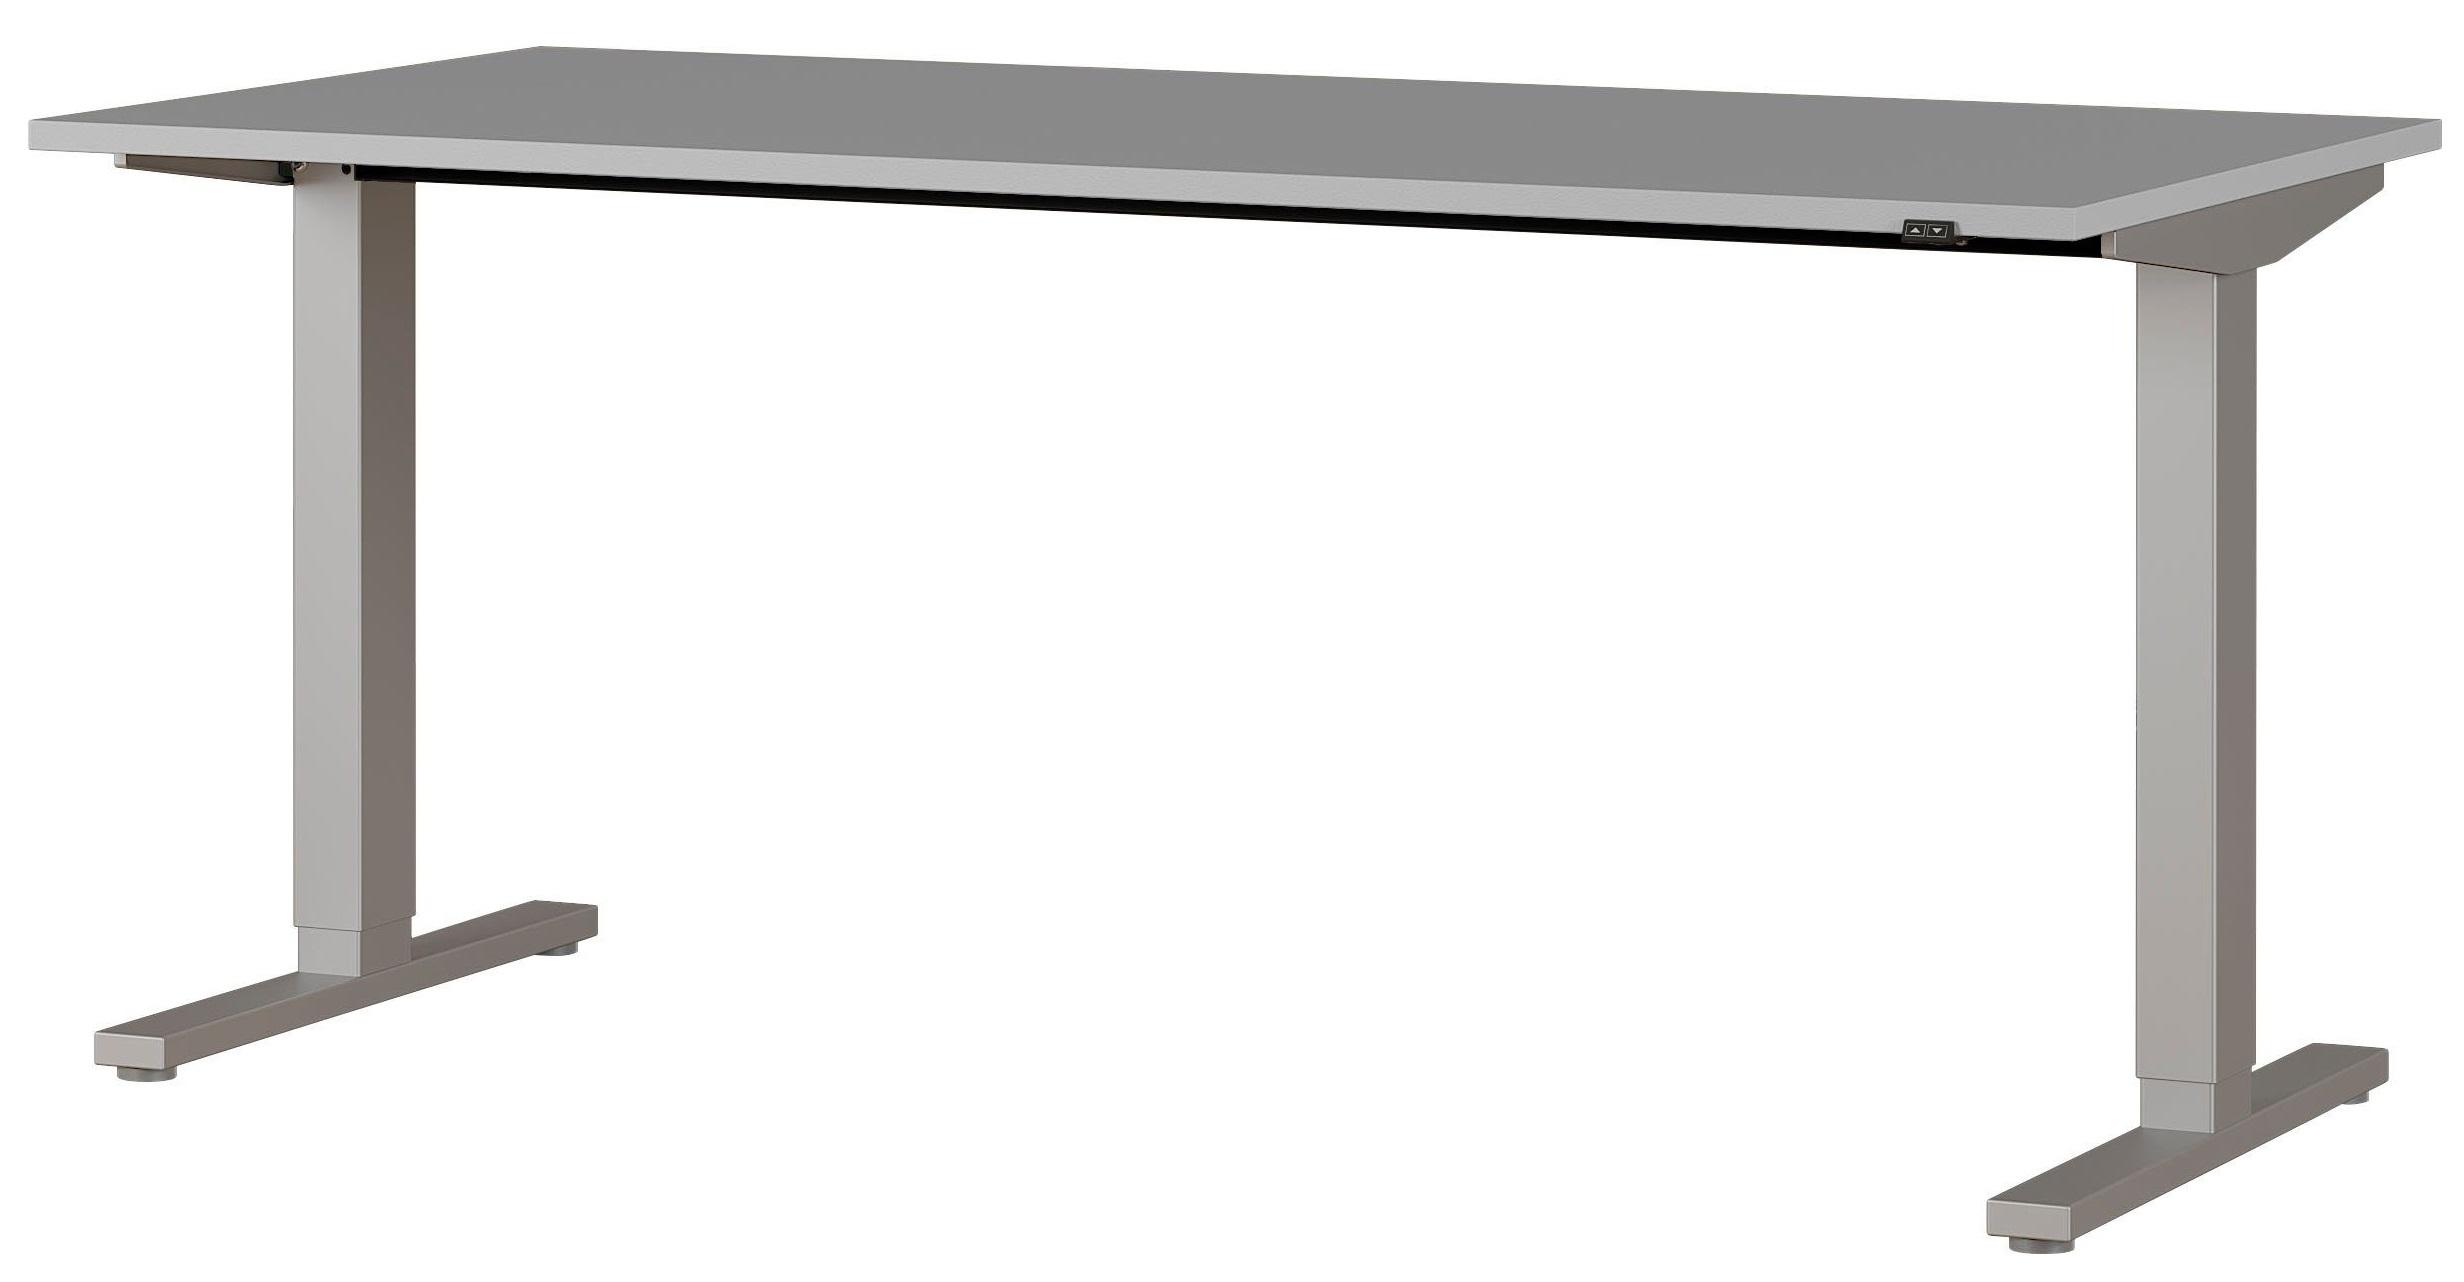 Zit sta bureau Agenda B160xH67-87xD80 cm in lichtgrijs met zilver